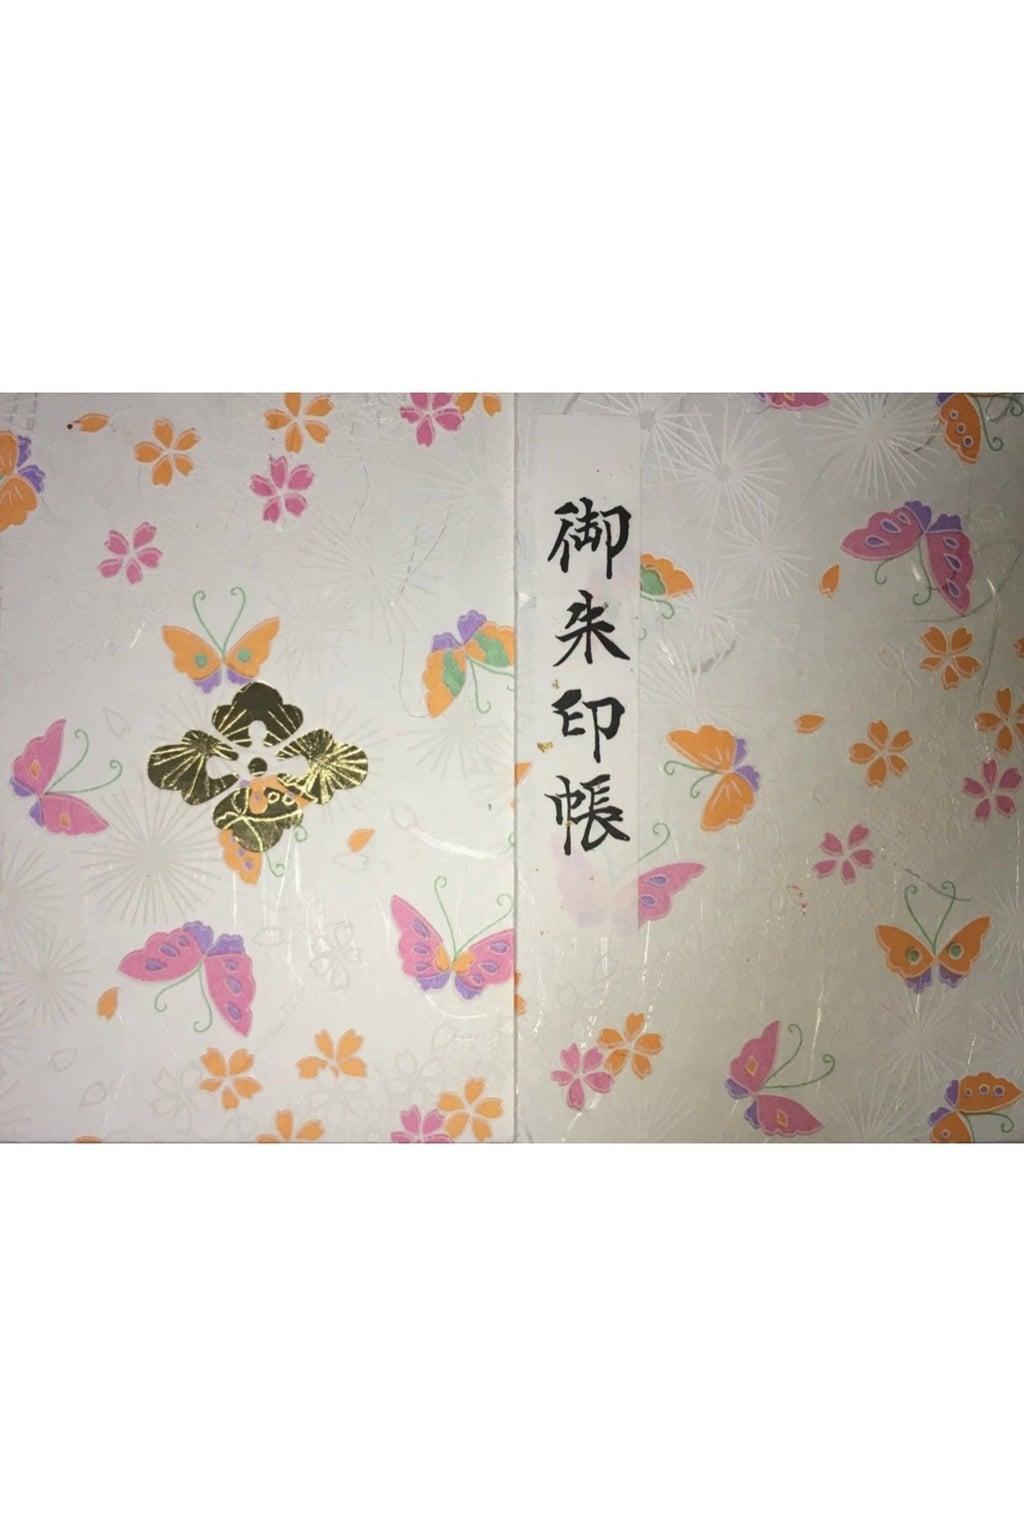 東京大神宮の御朱印帳